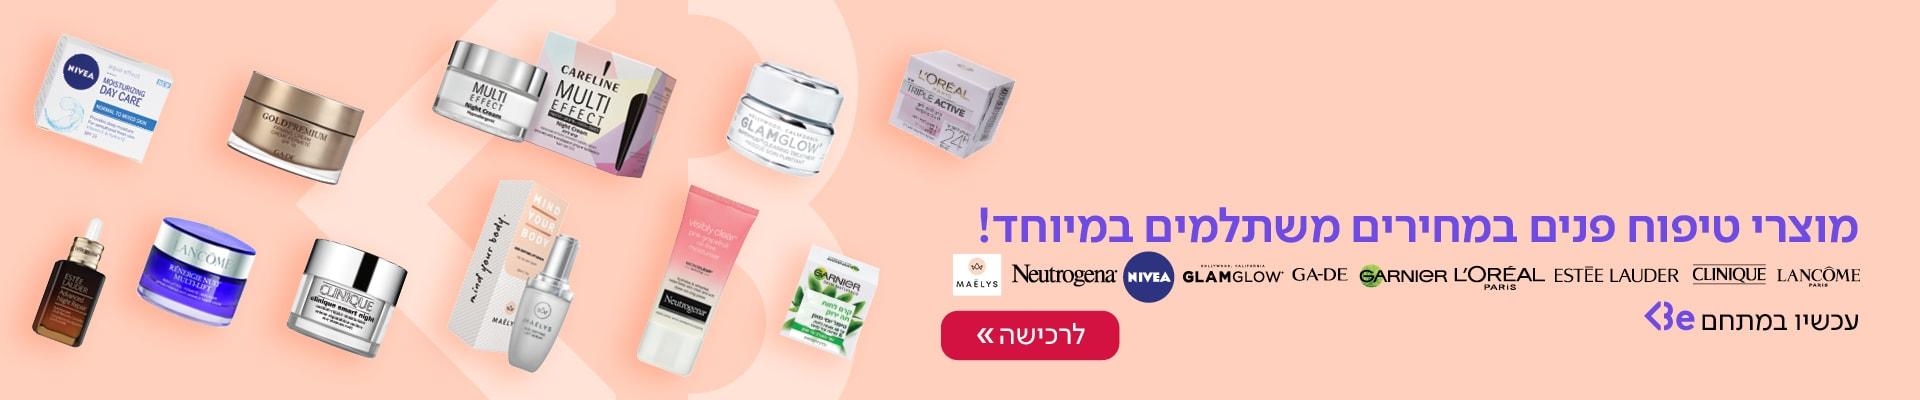 מגוון מוצרי טיפוח פנים במחירים משתלמים במיוחד! עכשיו במתחם Be